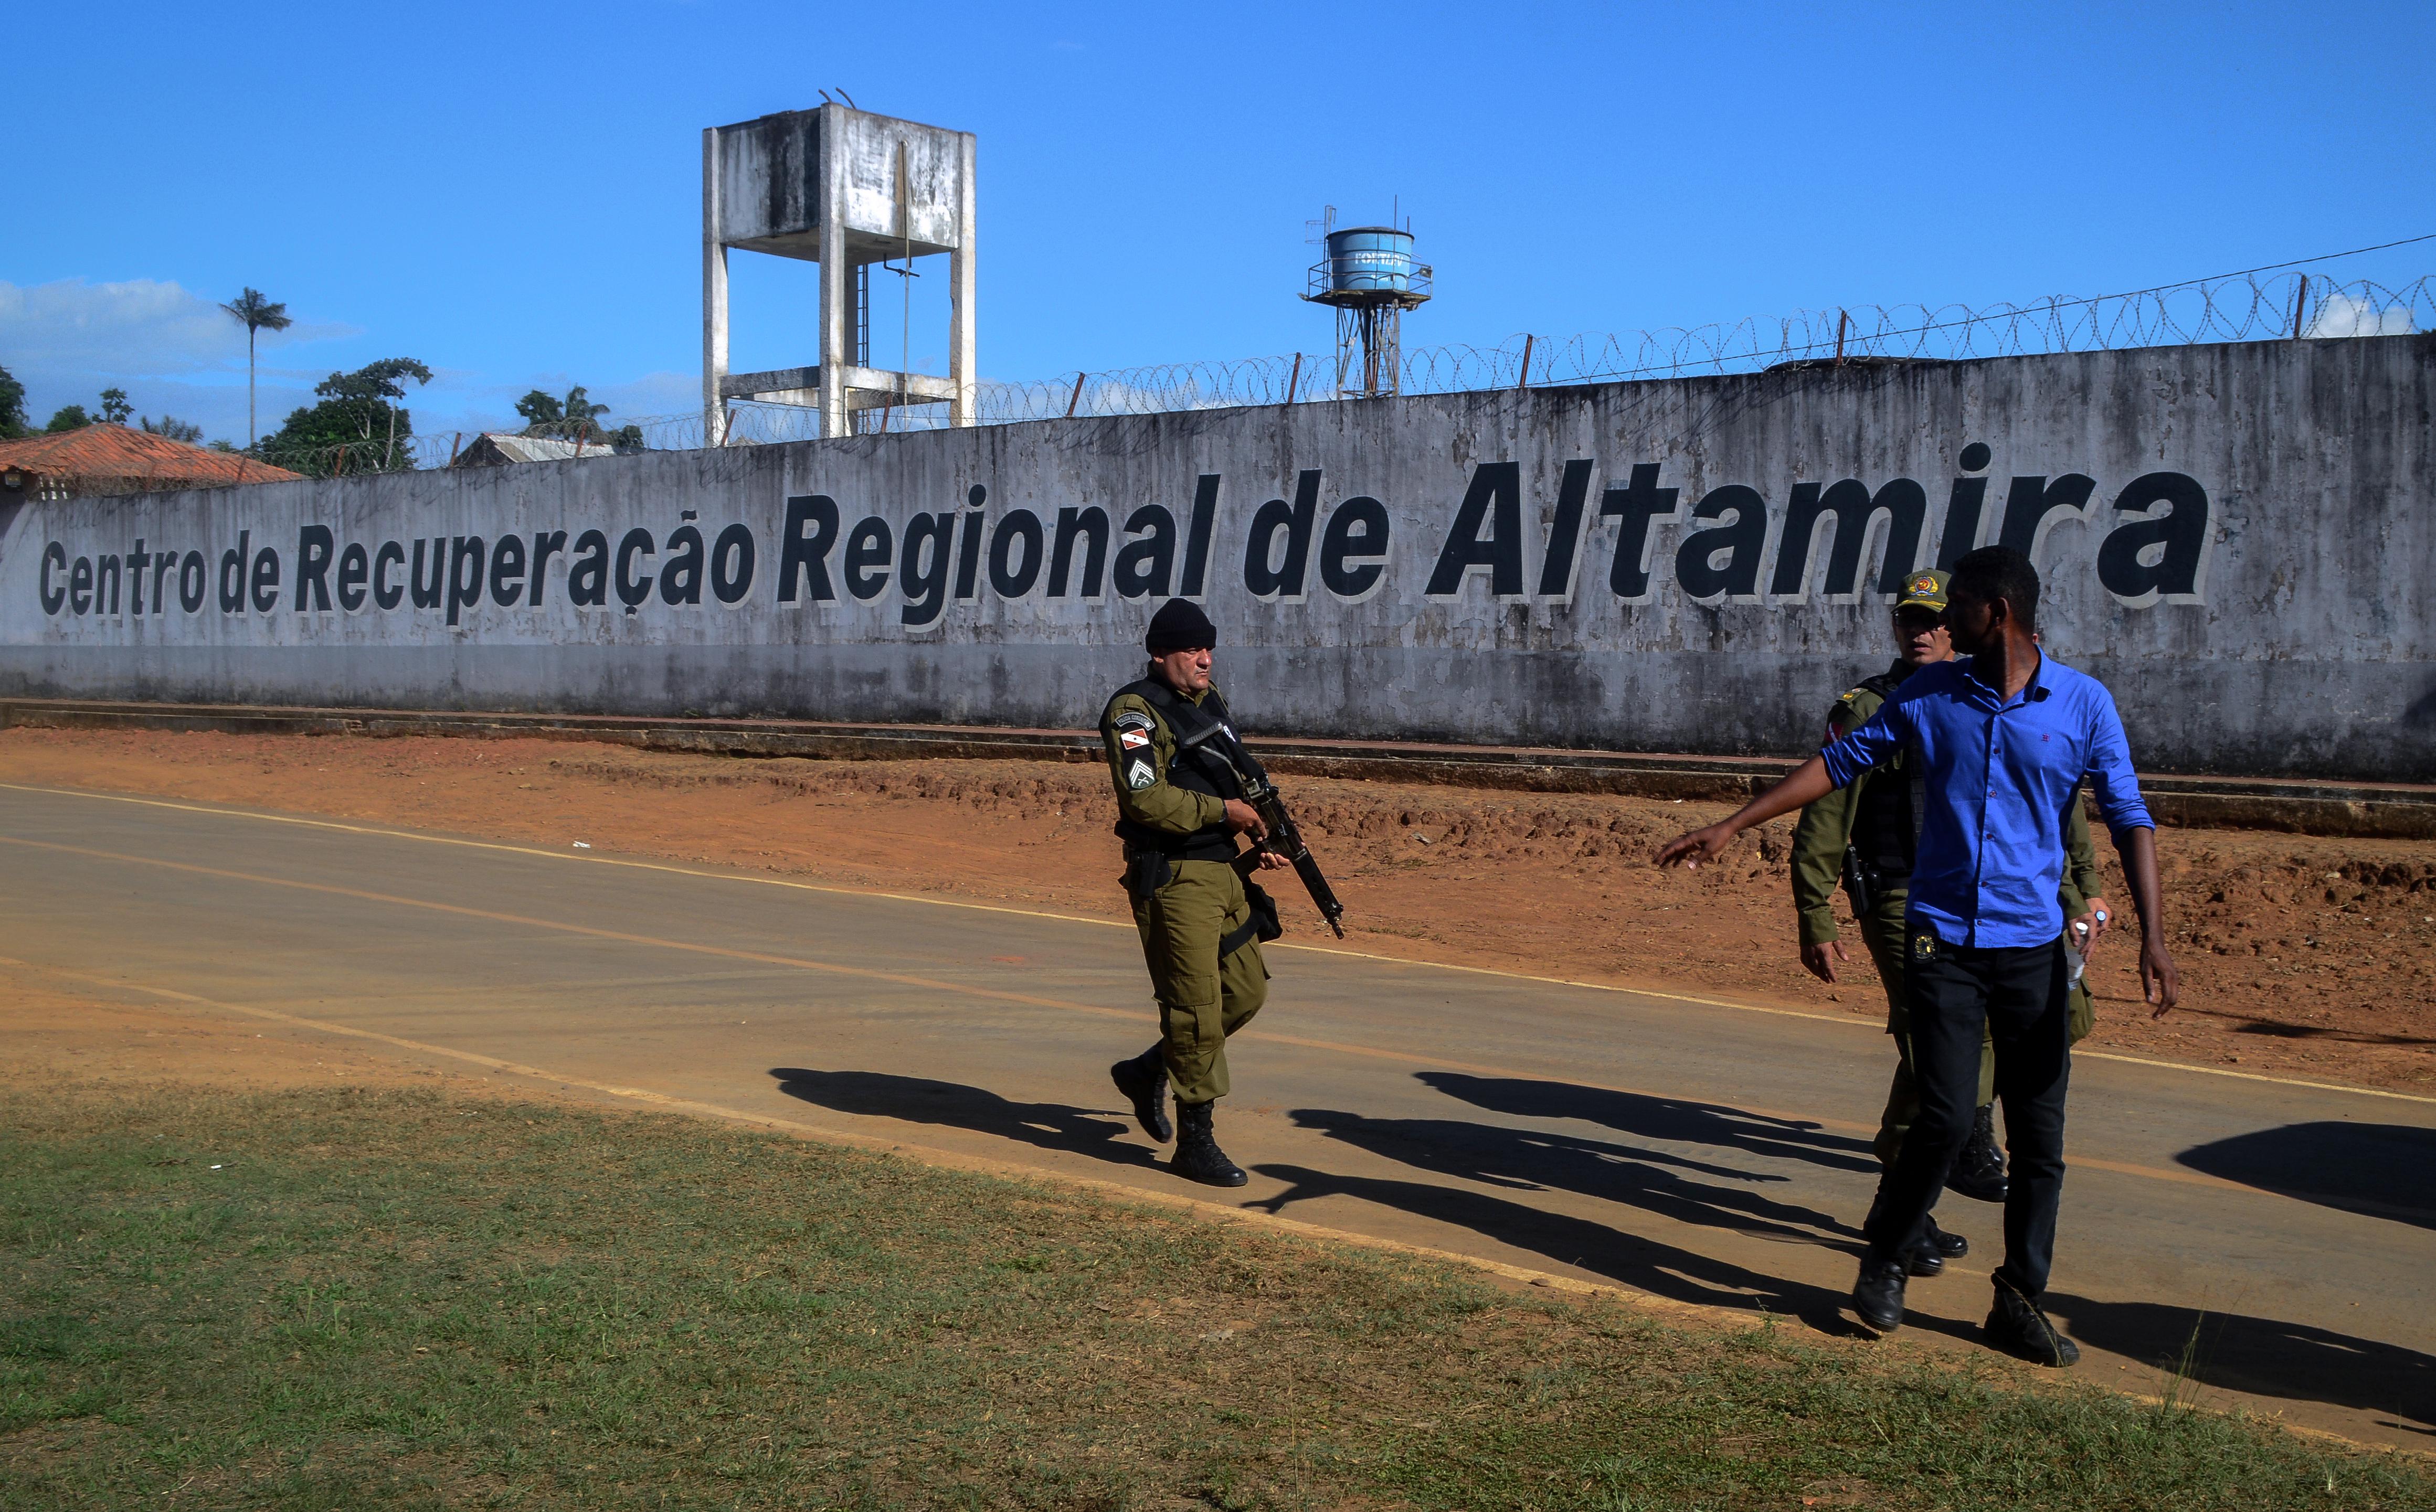 Legalább 57 halott egy brazíliai börtönlázadásban